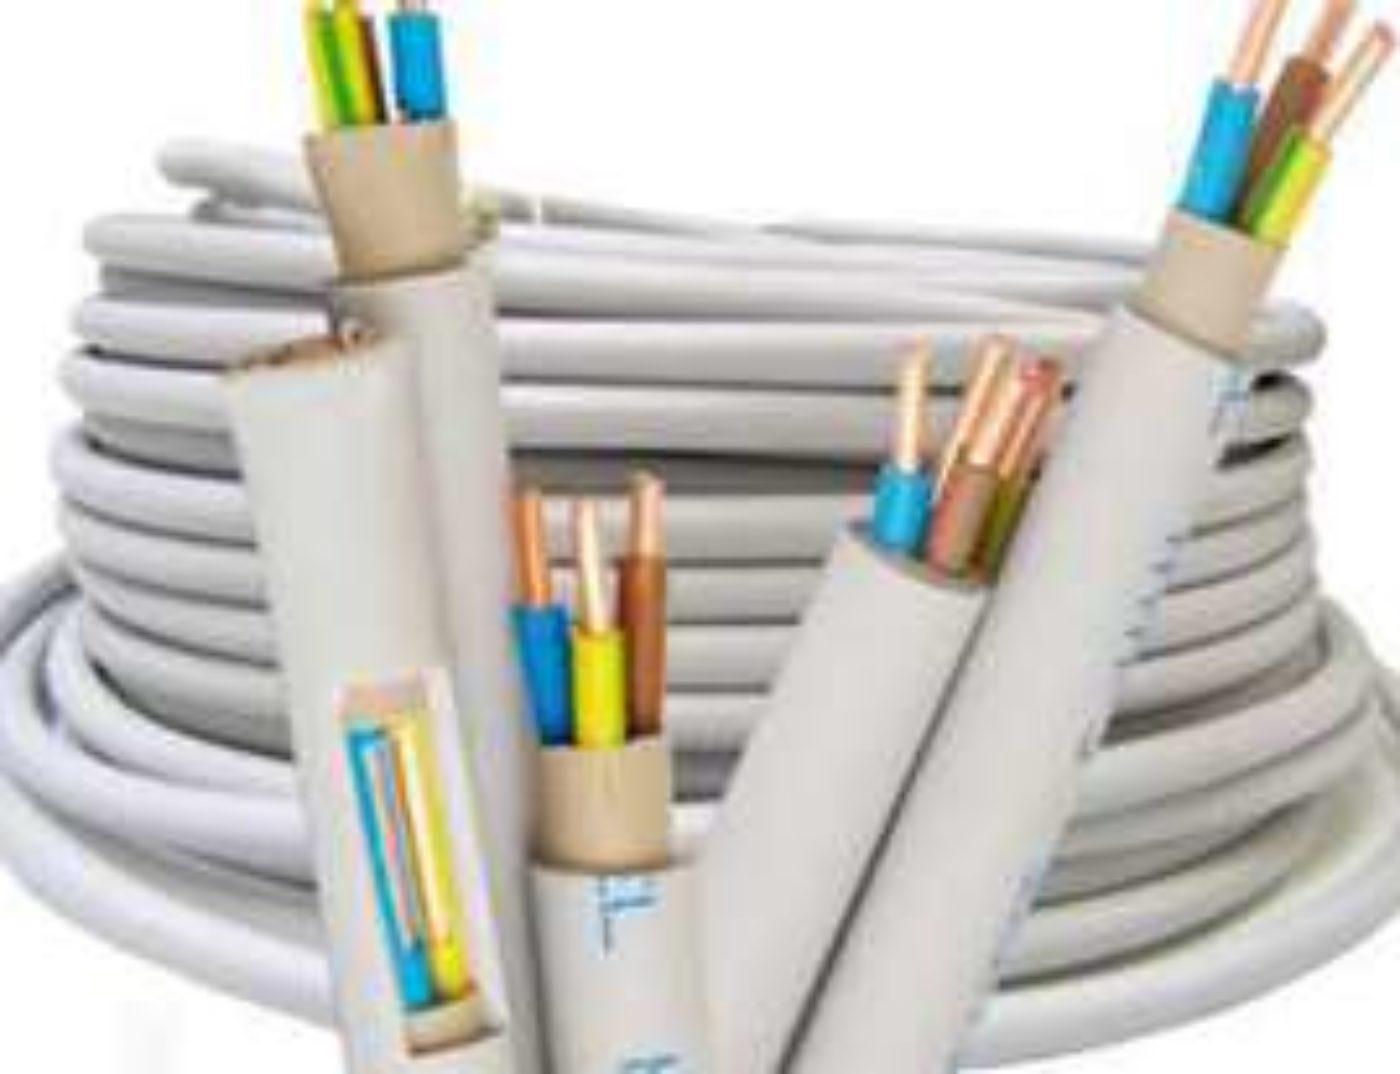 Цвета проводов в электрике: какого цвета провод фазы, земли и нуля, советы электрика